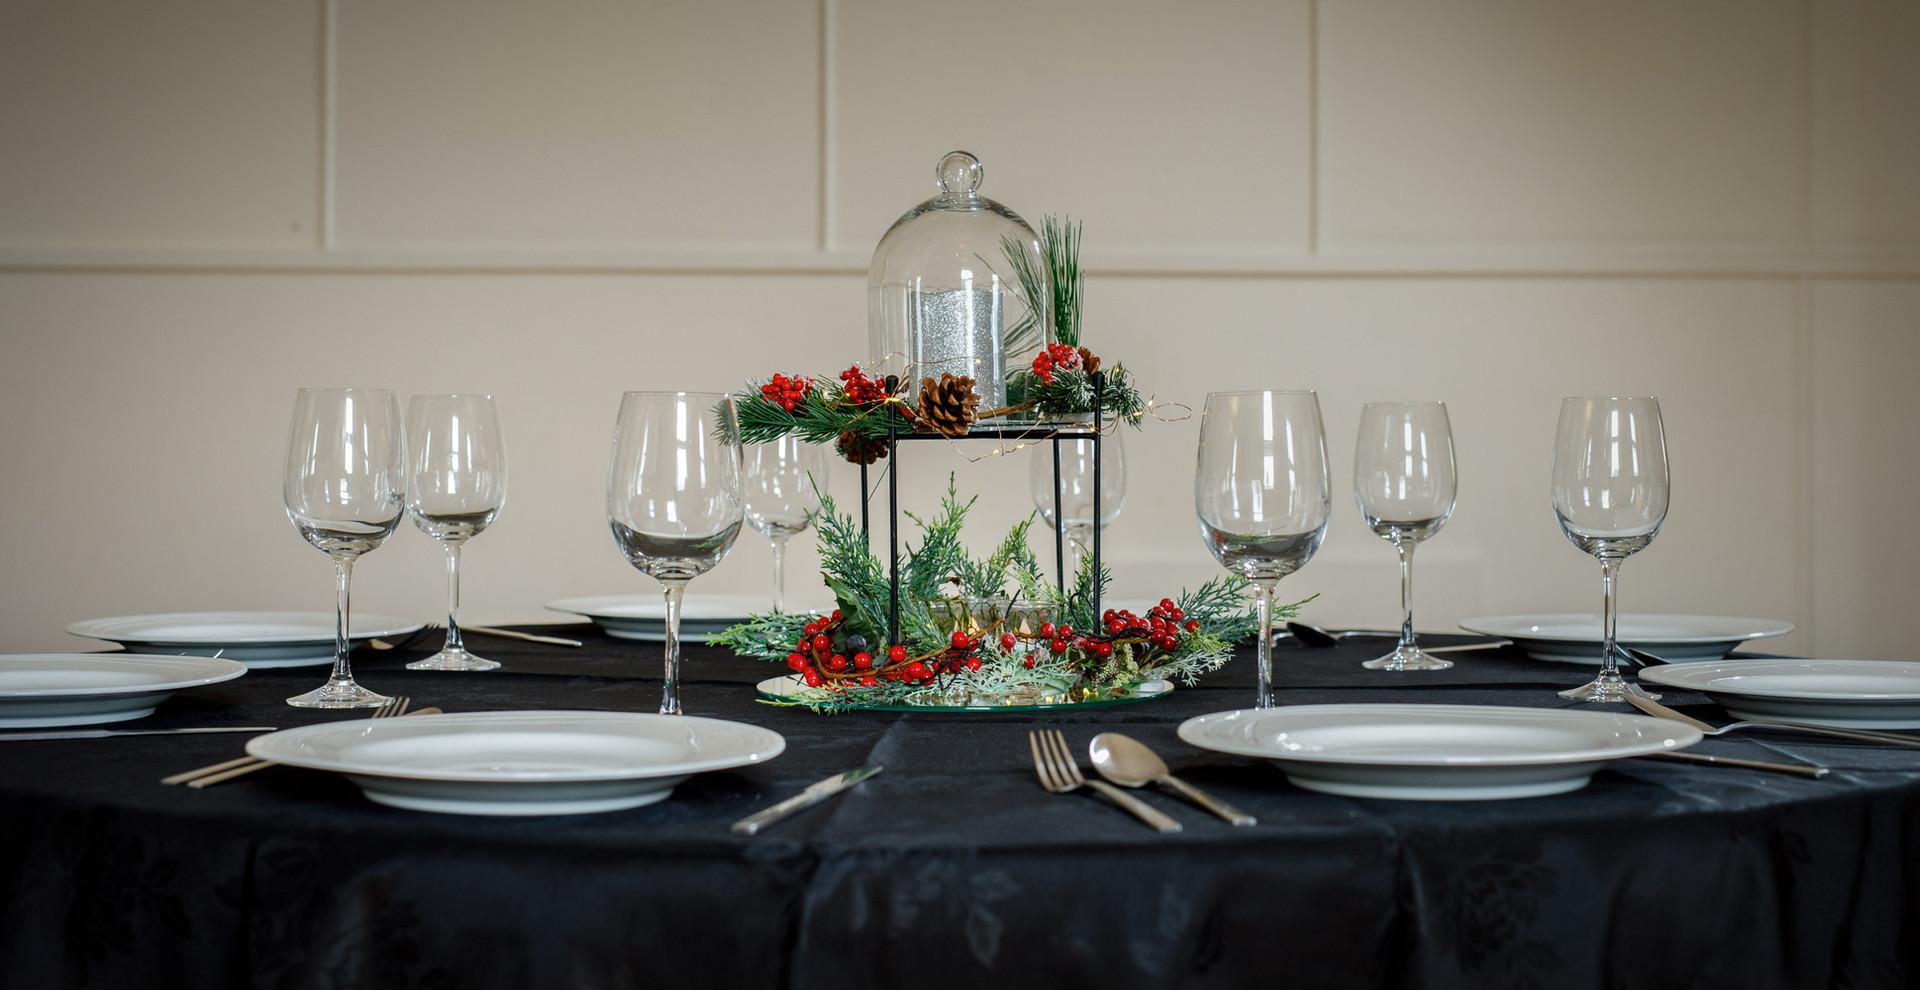 Christmas Table Setting #1